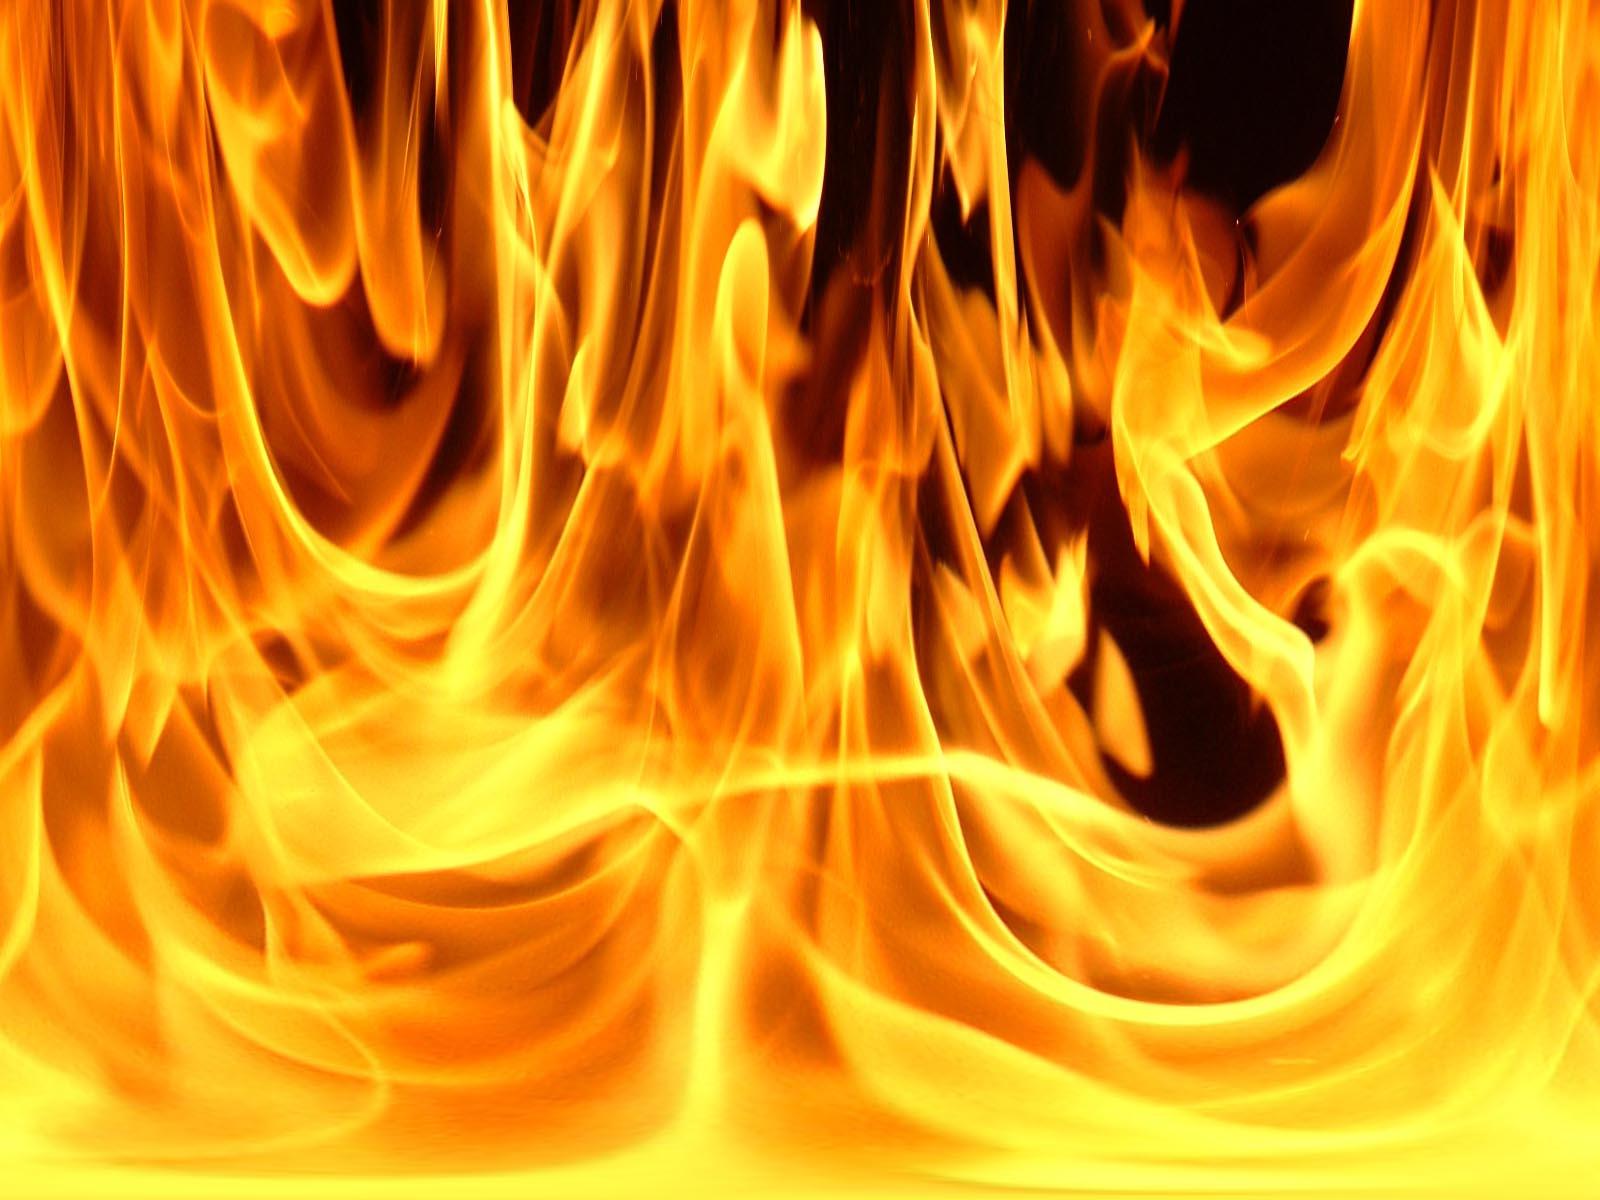 http://1.bp.blogspot.com/-IO9CgFRnDOs/ThCUWsNMQXI/AAAAAAAAAJY/d0iCMAj7lYU/s1600/foc.jpg